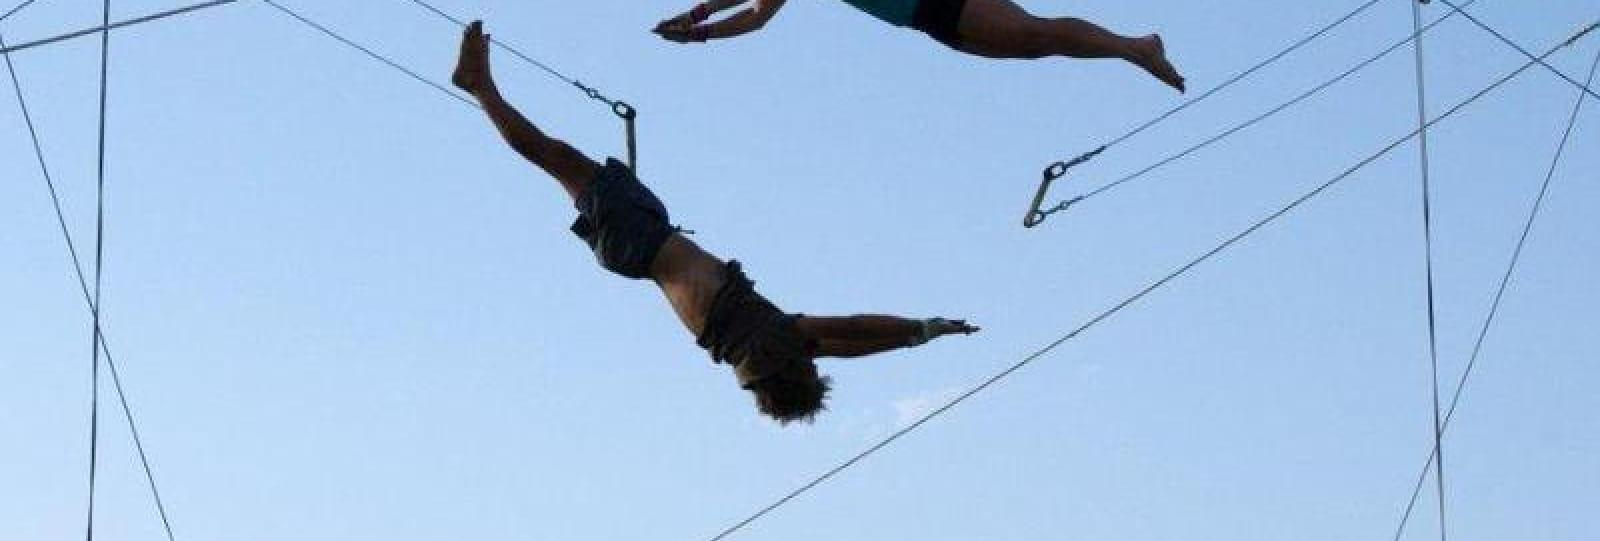 trapèze volant_les simangs_margès